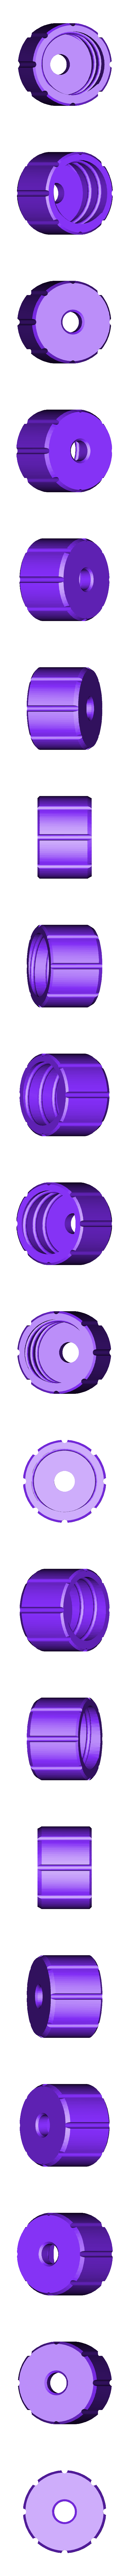 PRESS_CAP_1.75.STL Télécharger fichier STL gratuit Adaptateur Bowden • Plan imprimable en 3D, daGHIZmo